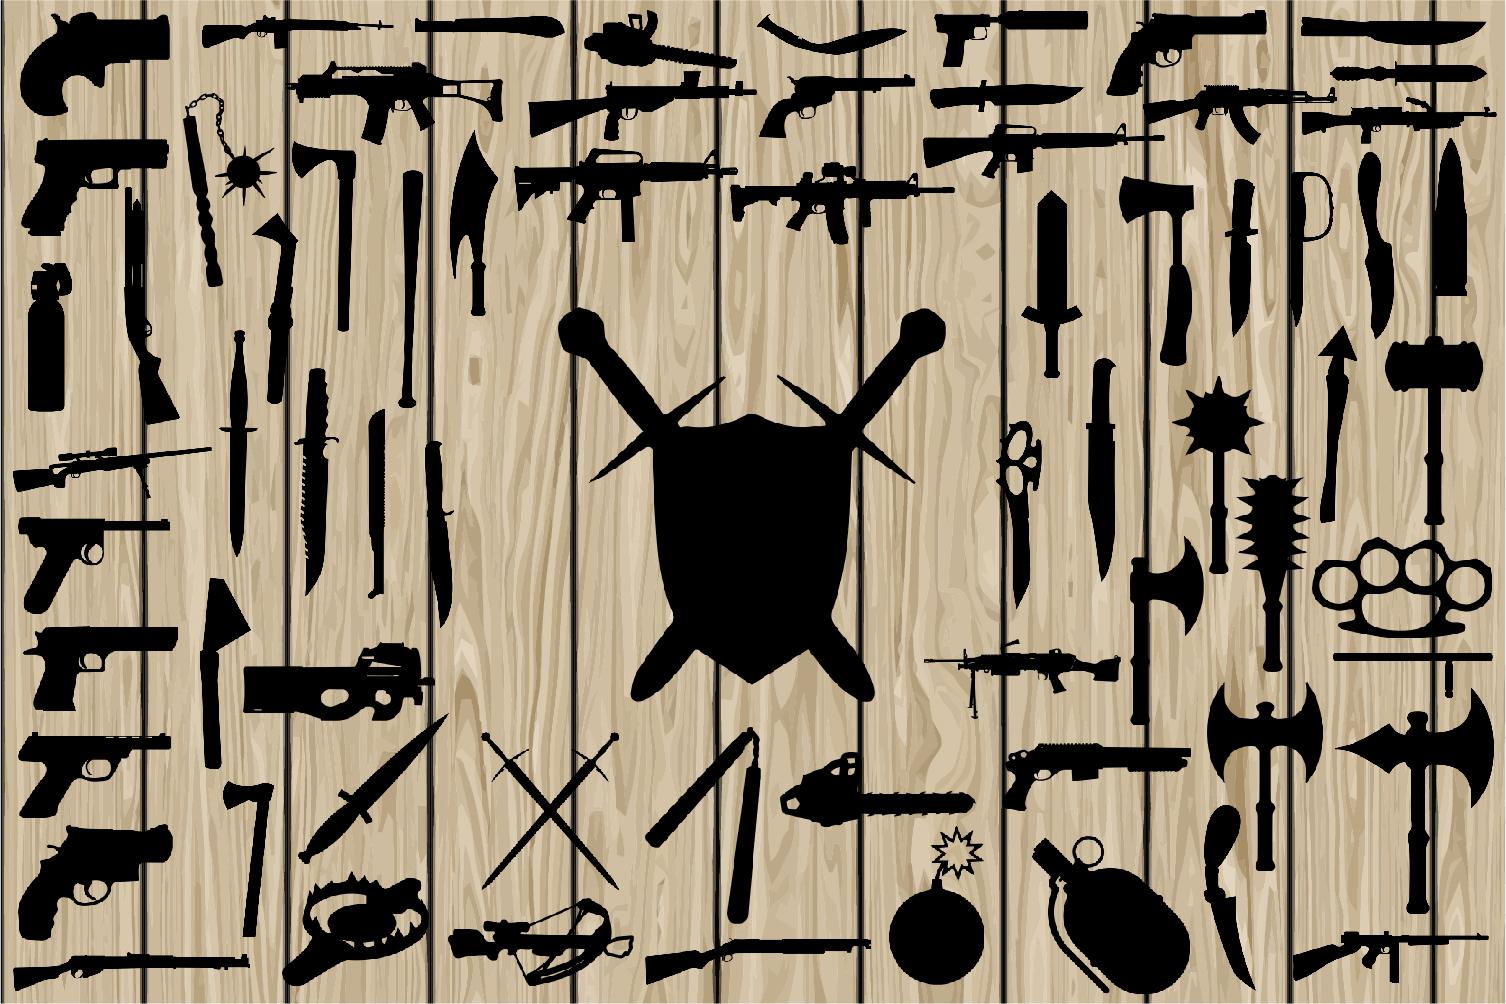 70 Weapon SVG, Gun SVG, Sword SVG, Machine Gun Svg, Weapon Silhouette, Gun Silhouette, Weapon Dxf, Gun Dxf, Gun Eps, Cutting File, Printing. example image 1